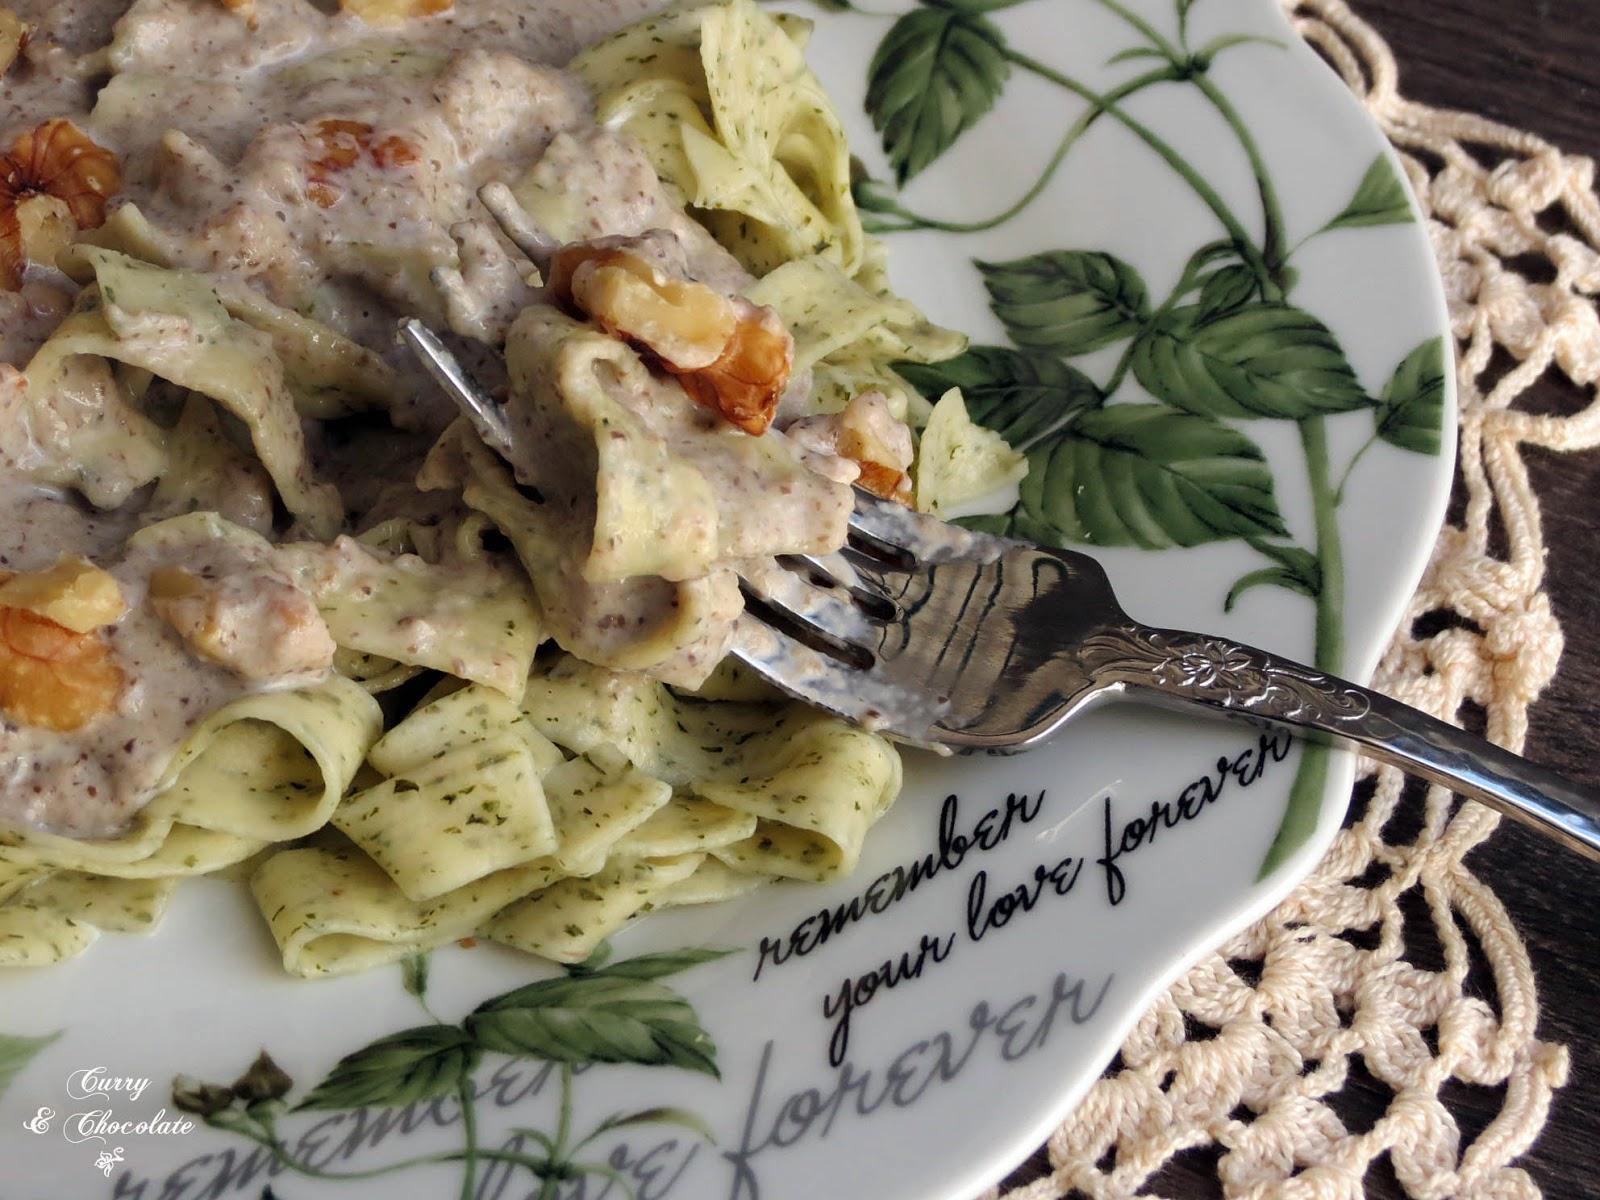 Pasta con crema de champiñones y nueces -  Pasta with mushroom cream sauce and walnuts